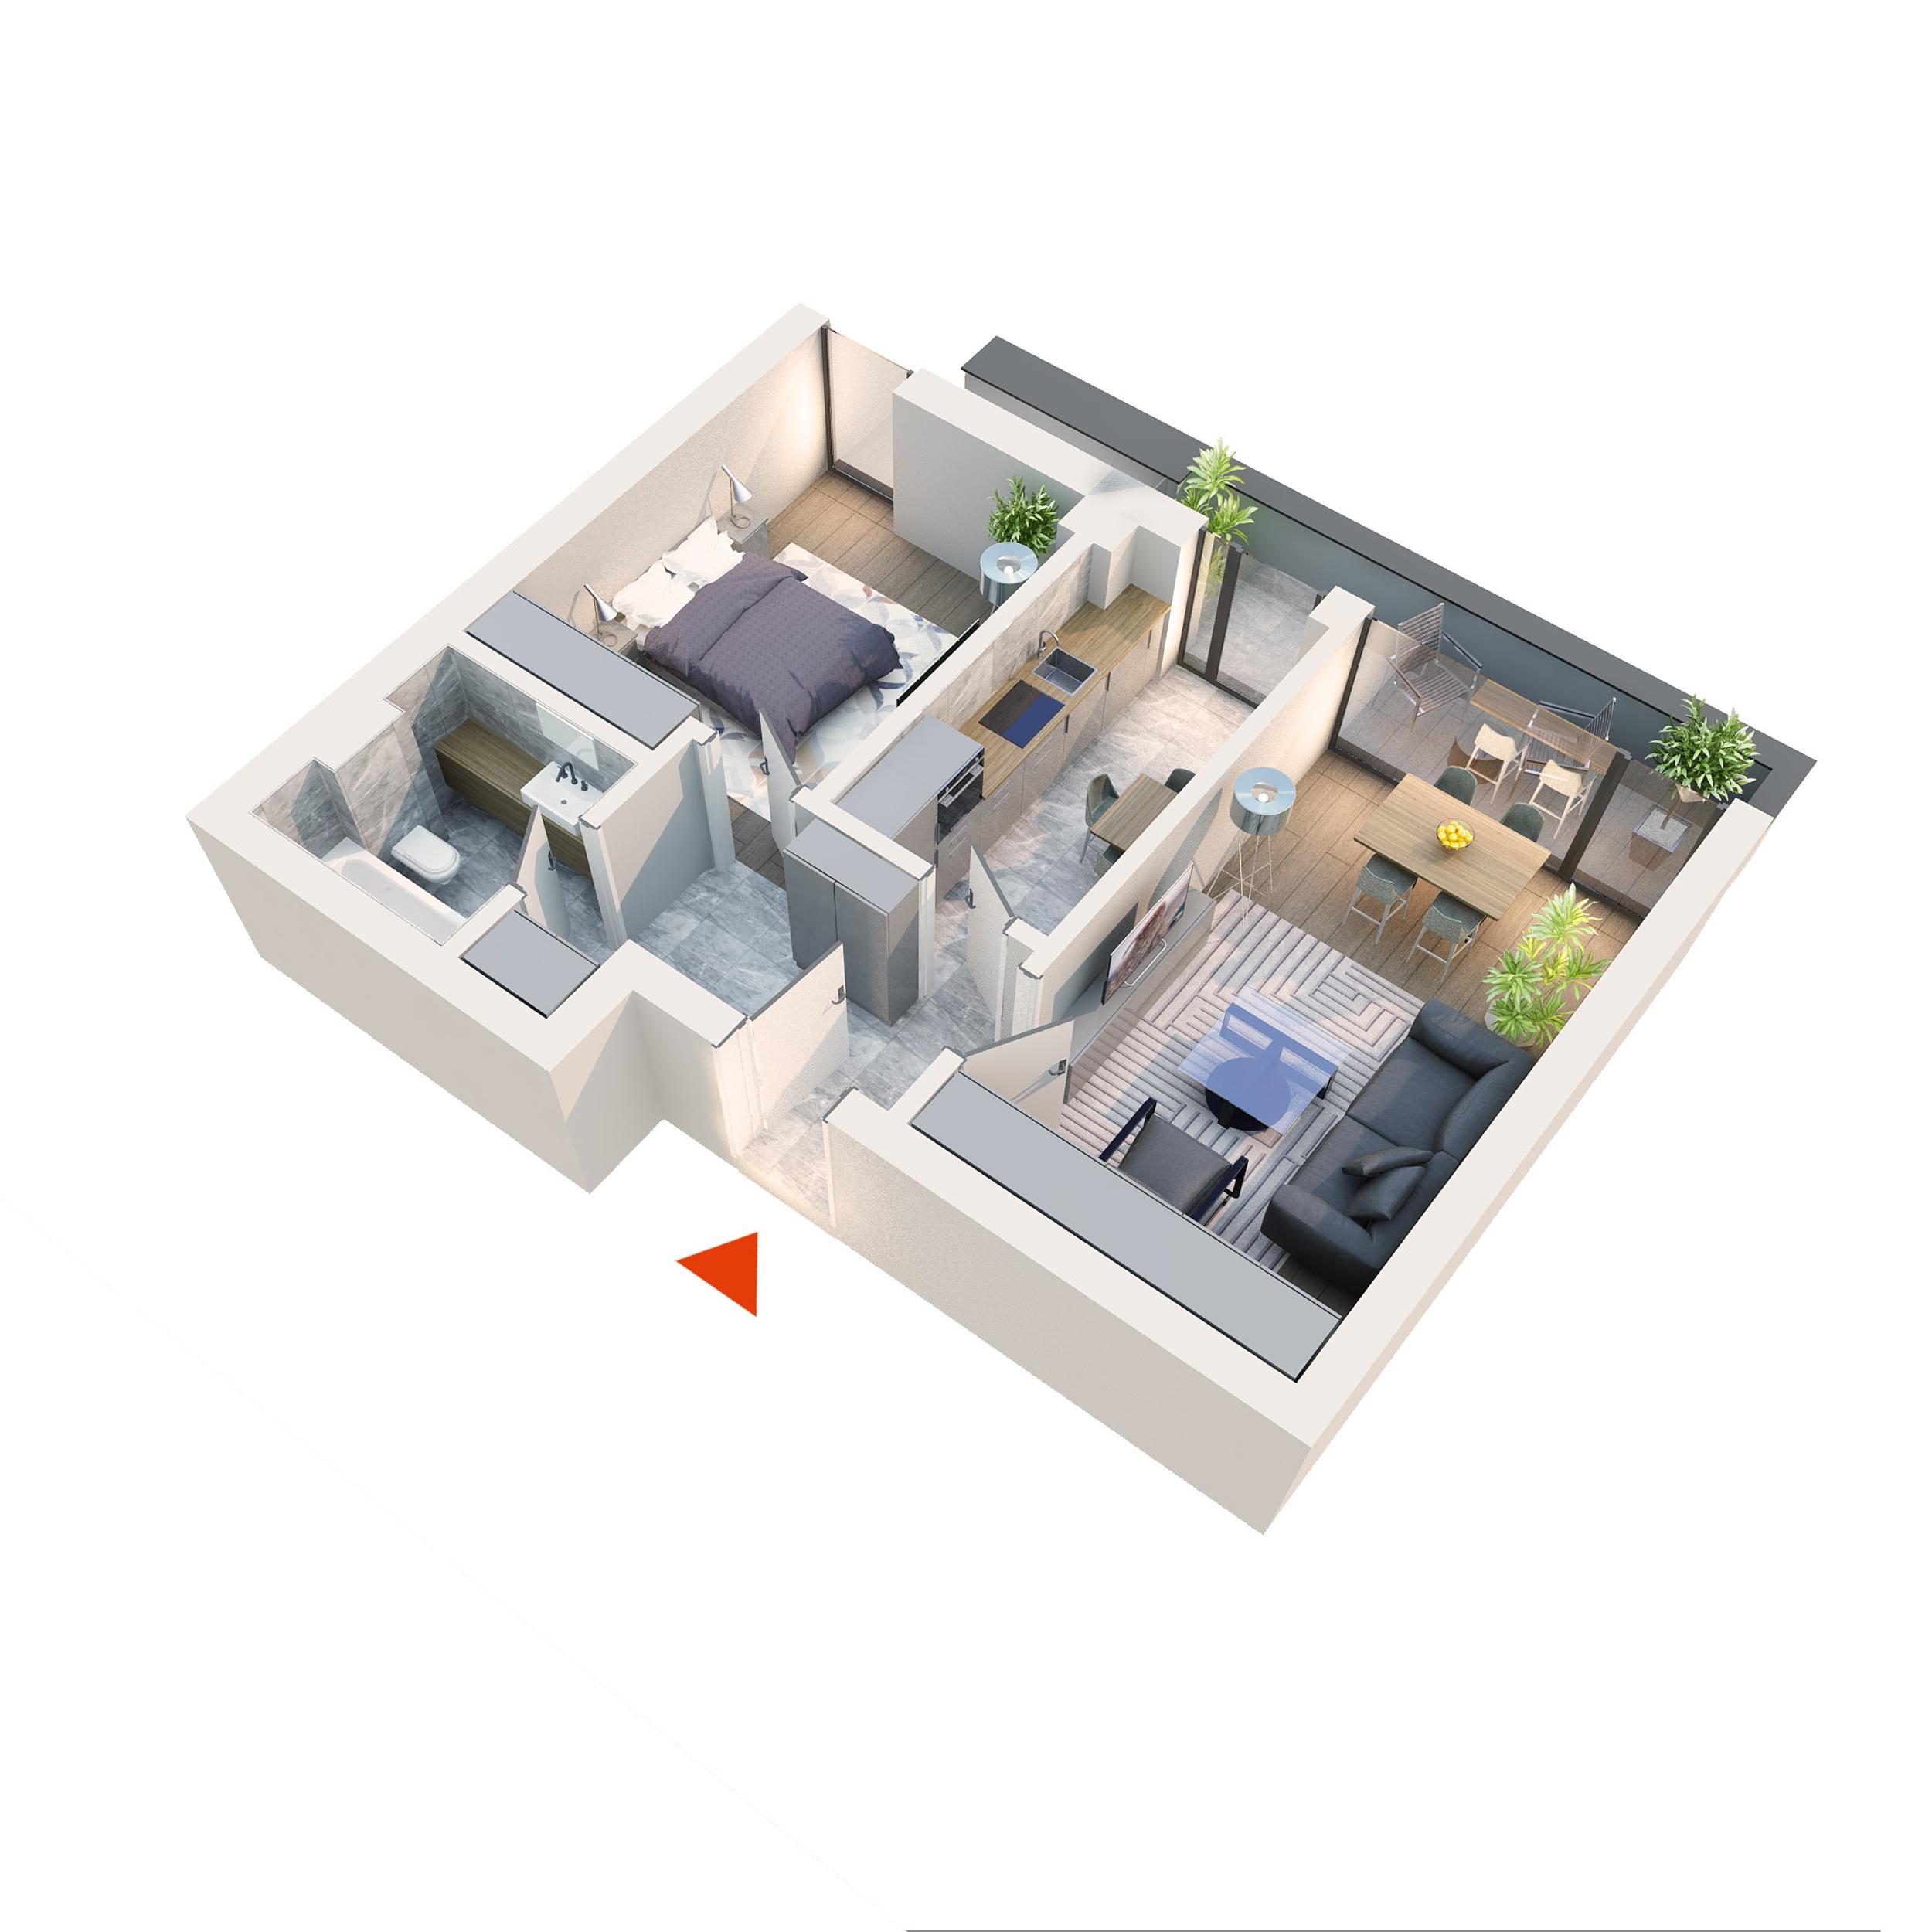 Apartament 2 camere tip 2C2 Balcon | Etaj 4 | Corp C1-C6 | Faza 2